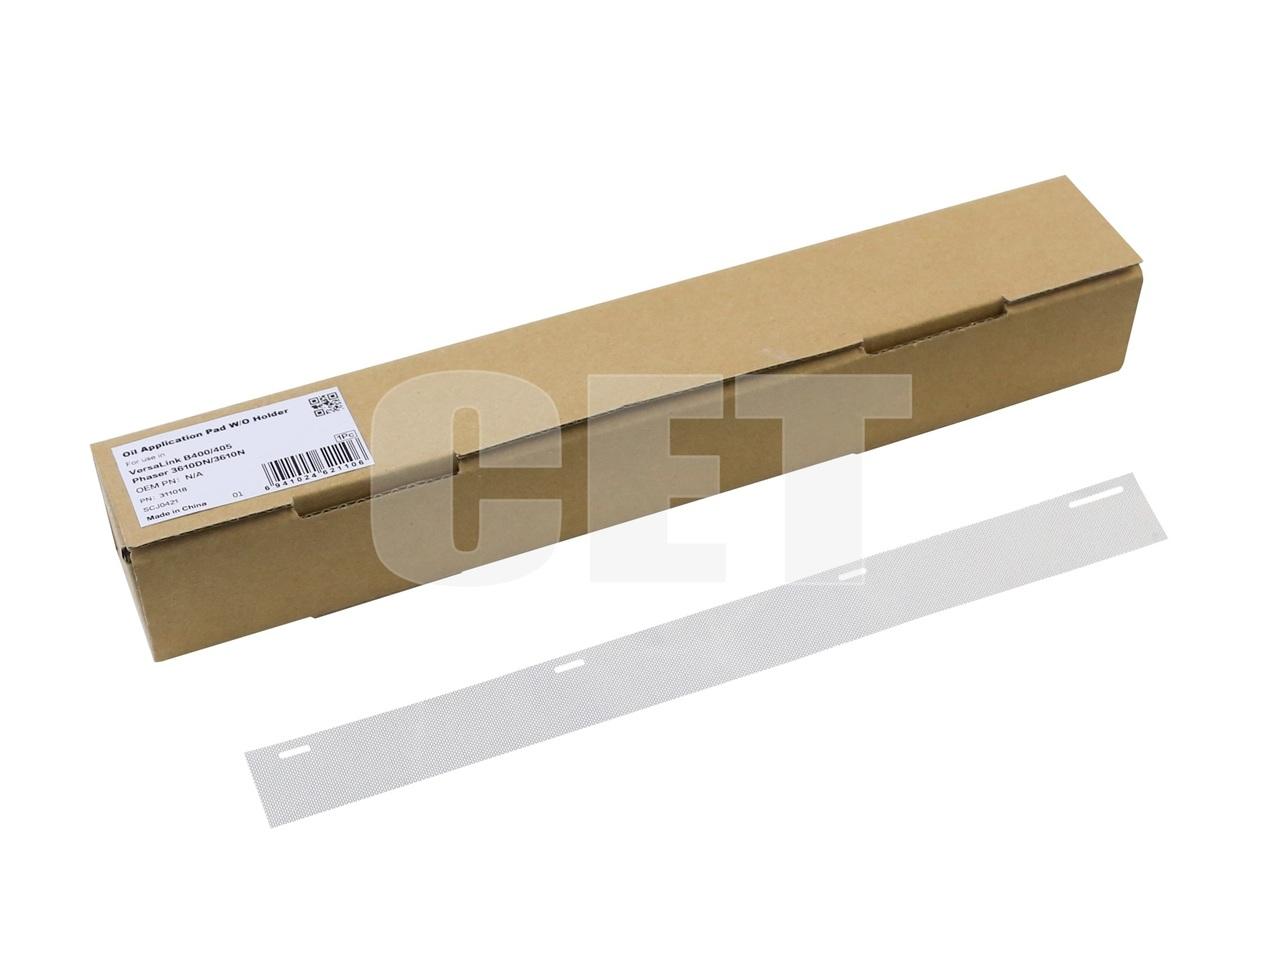 Тканевая накладка прижимной планки фьюзера для XEROXVersaLink B405/400, WorkCentre 3655X (CET), CET311018